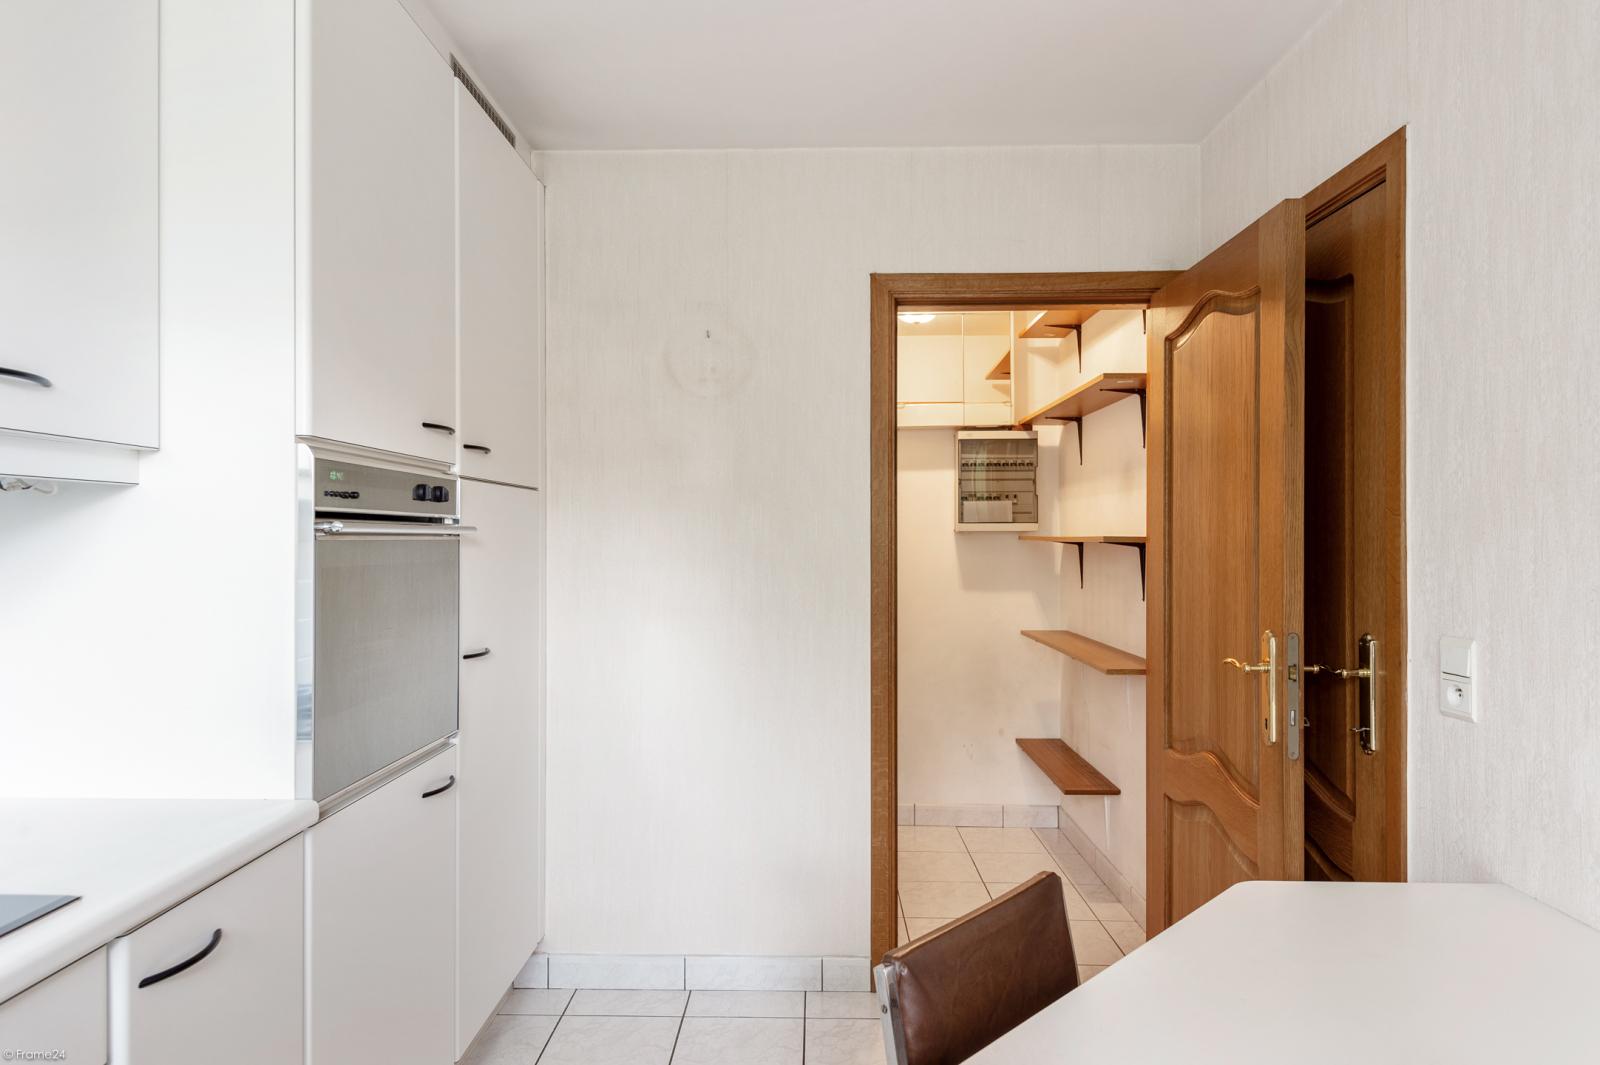 Zeer verzorgd en ruim gelijkvloers appartement (+/- 100m²) met tuin nabij het centrum van Schoten! afbeelding 7